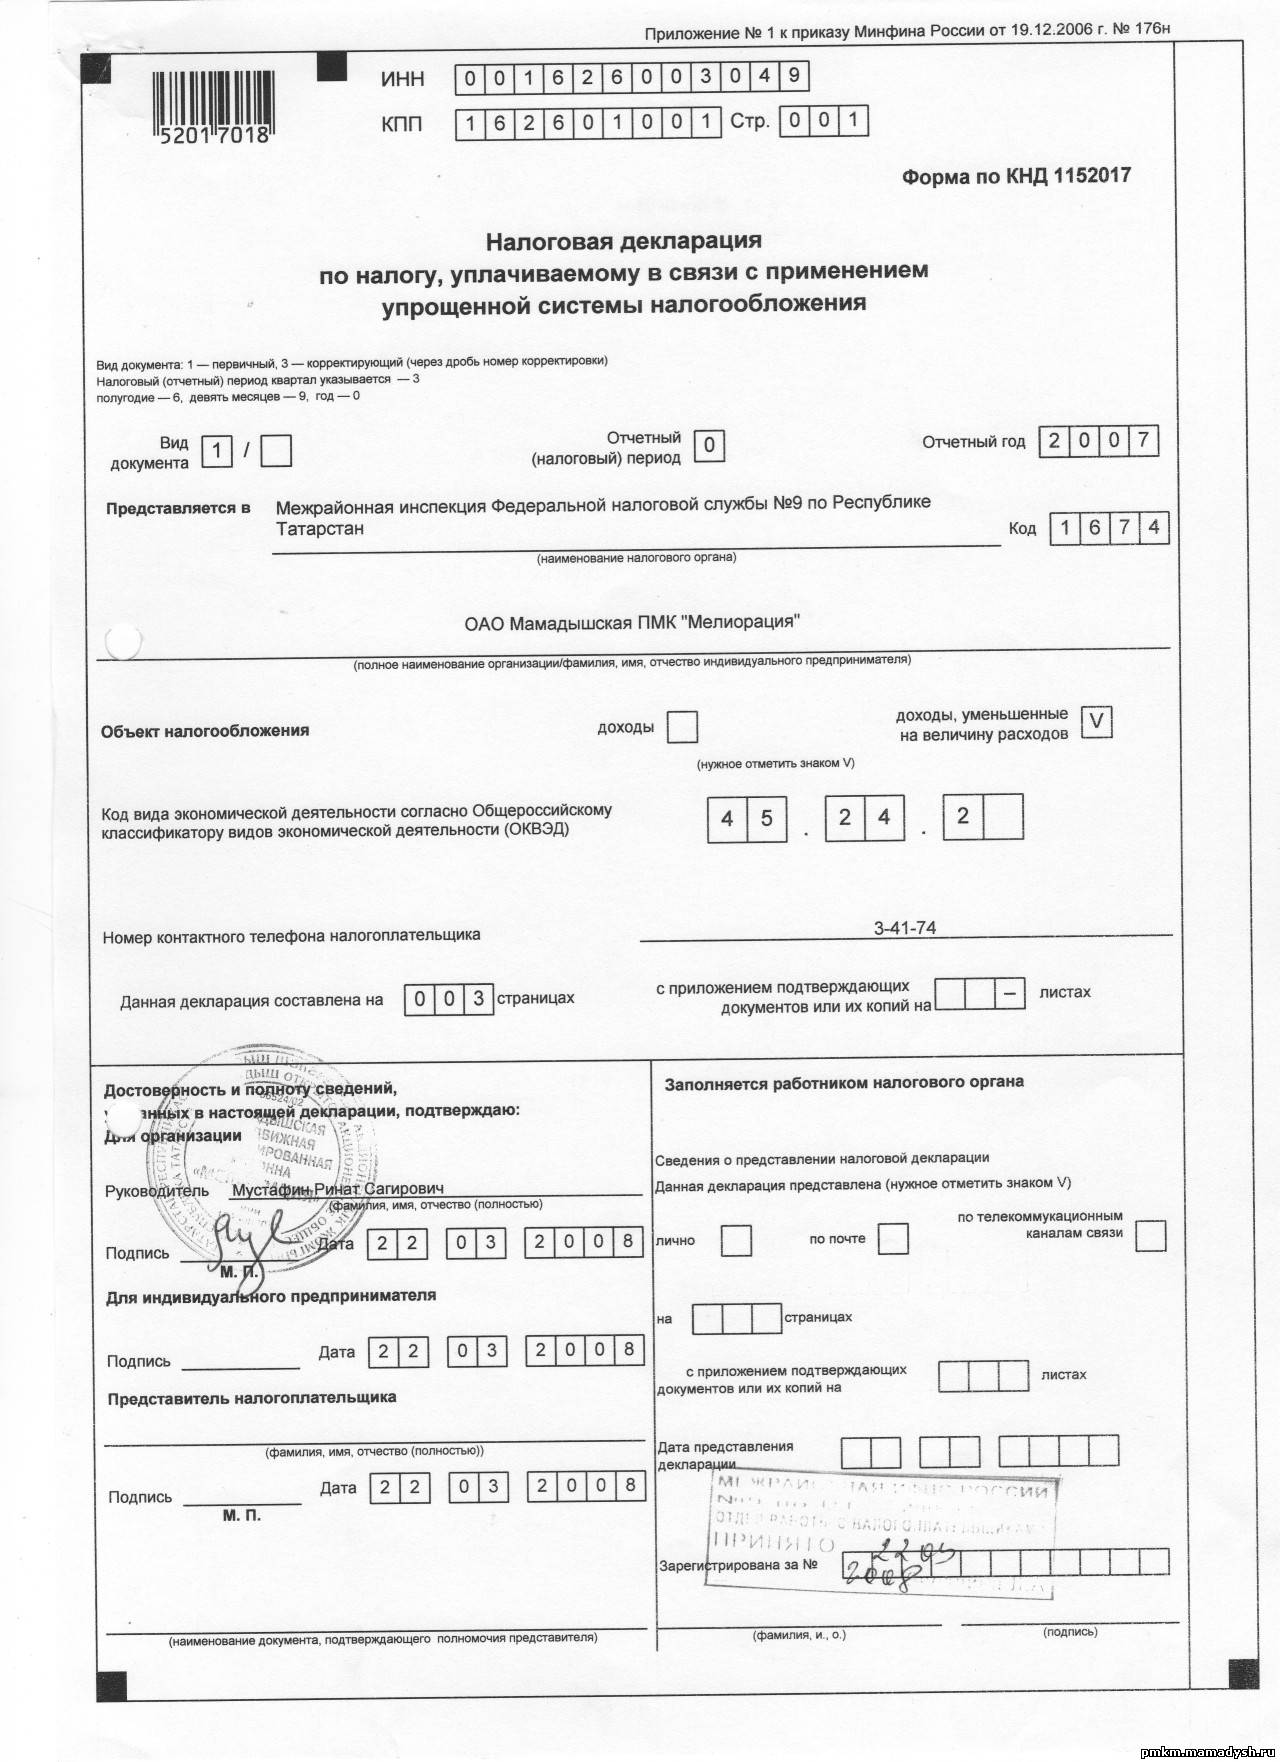 Декларация Налоговая 2008 Скачать